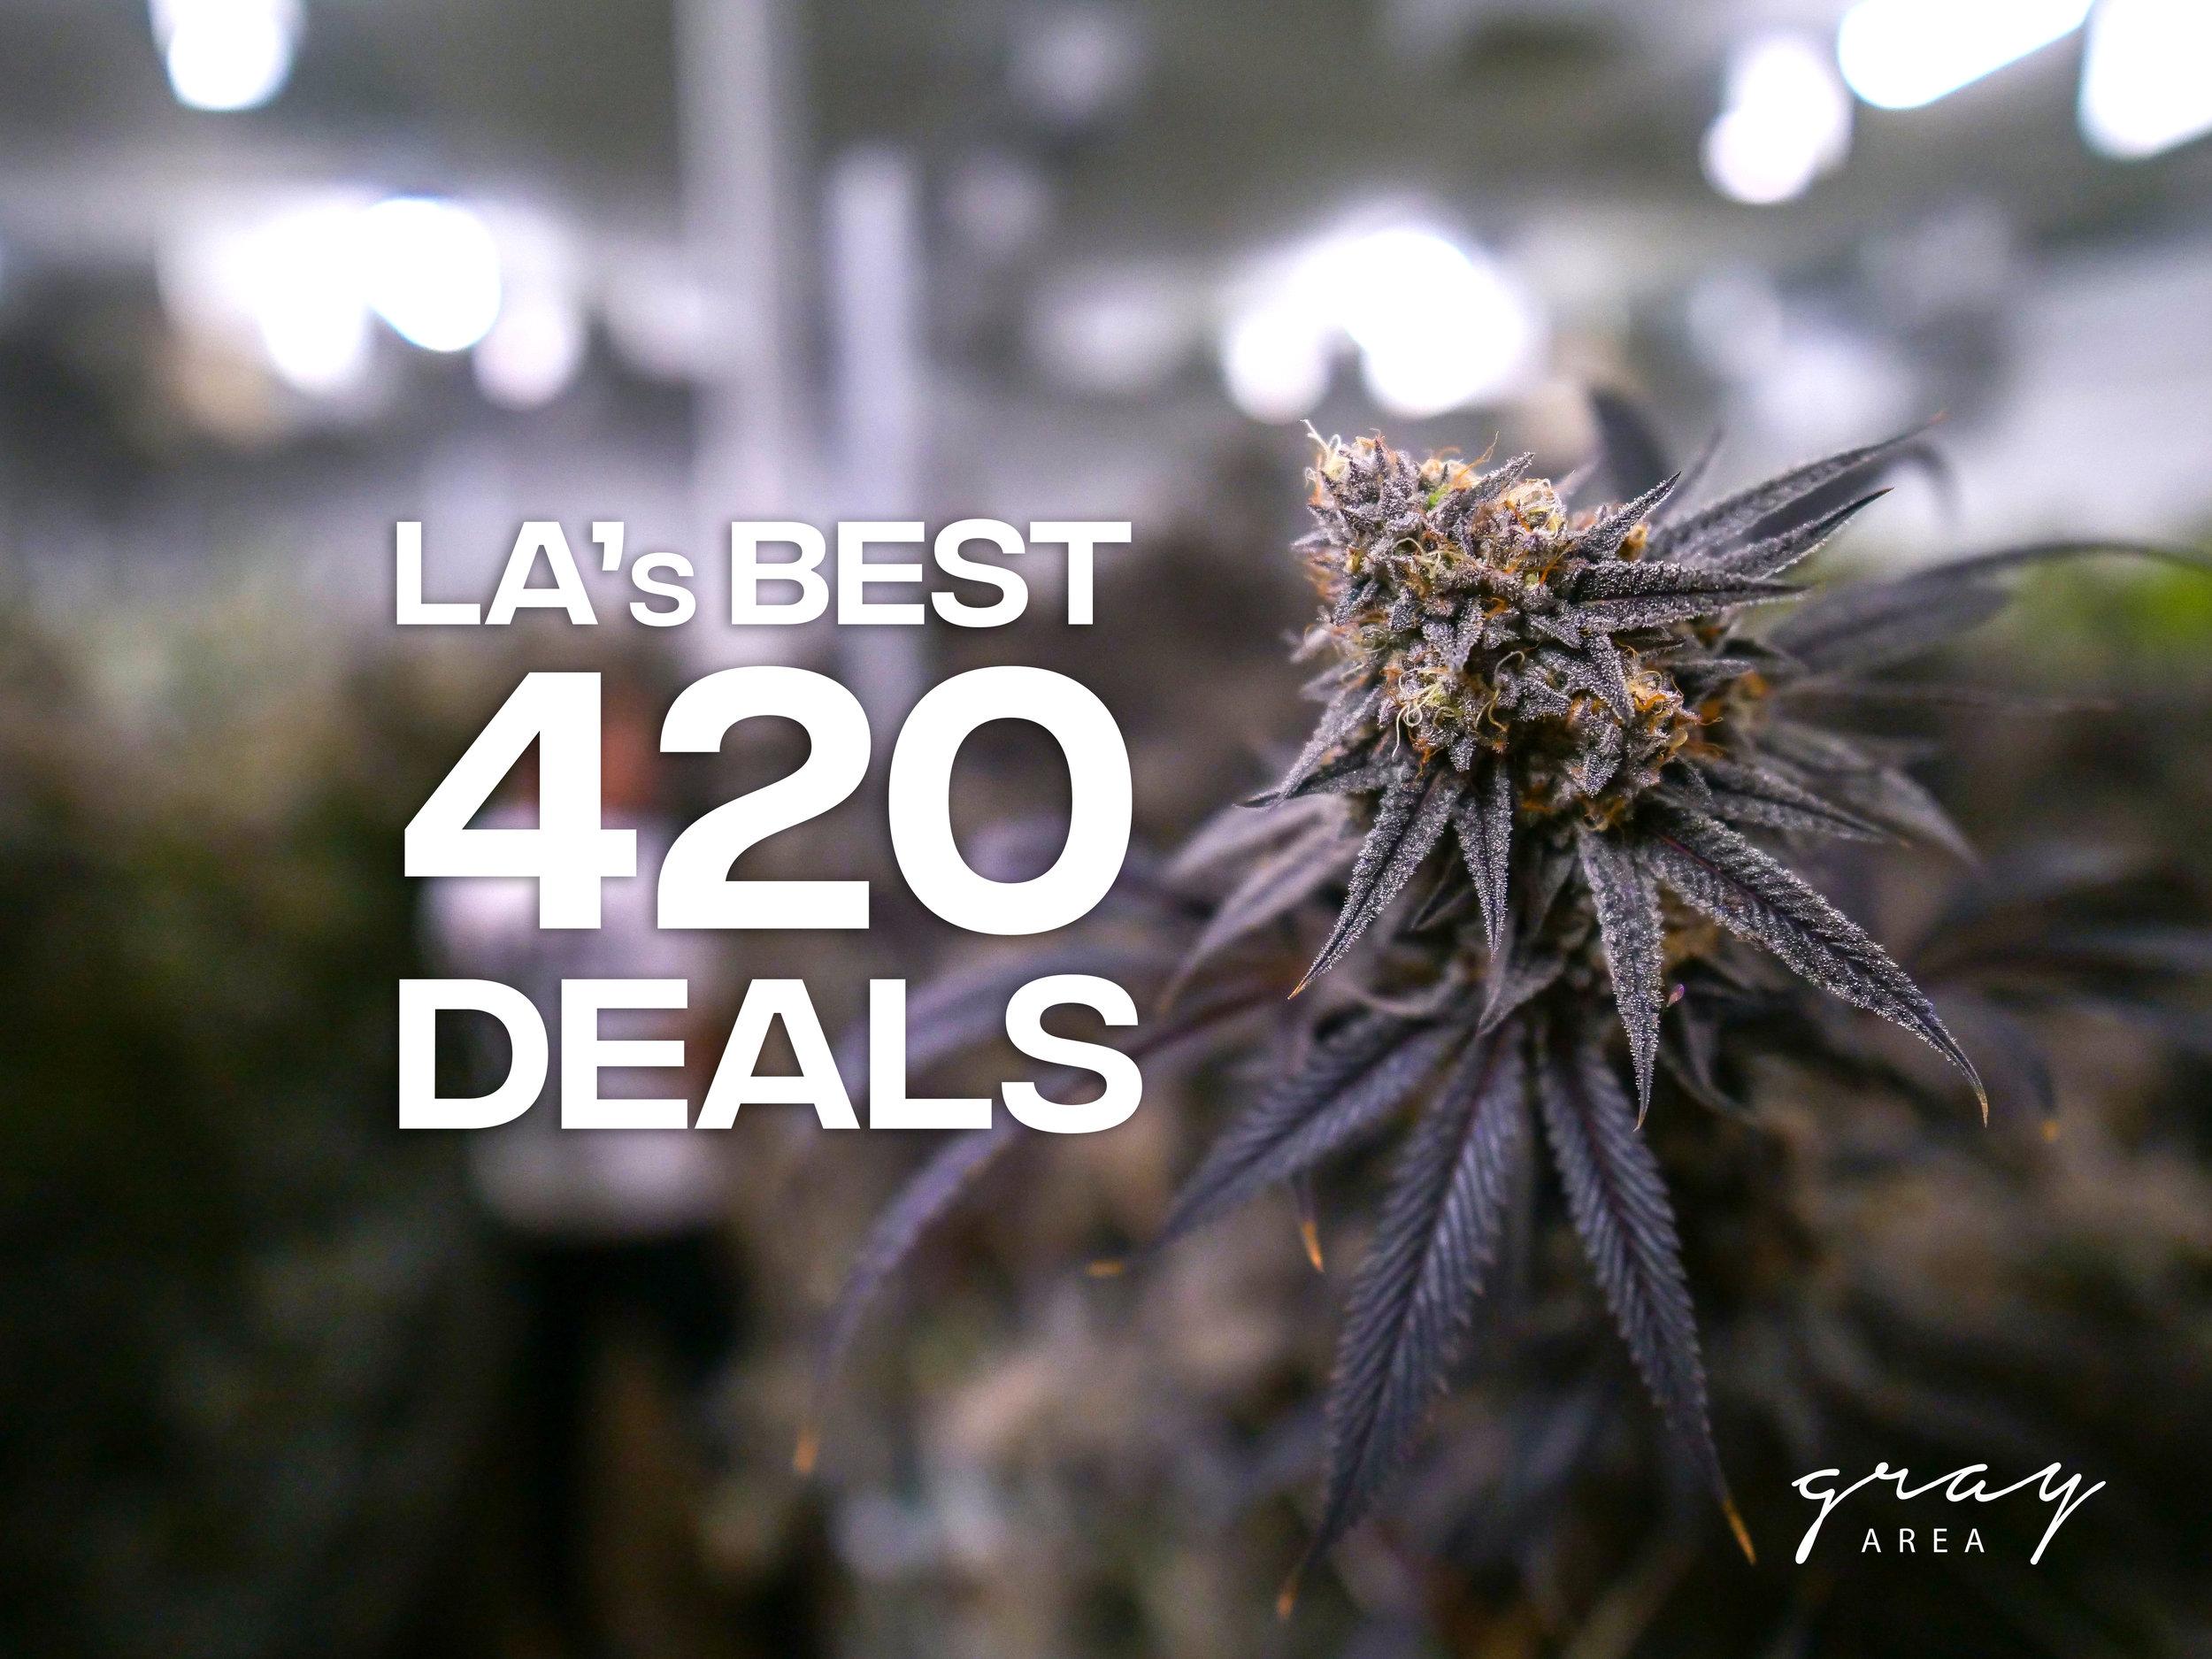 Best 420 Deals in LA IG.jpg